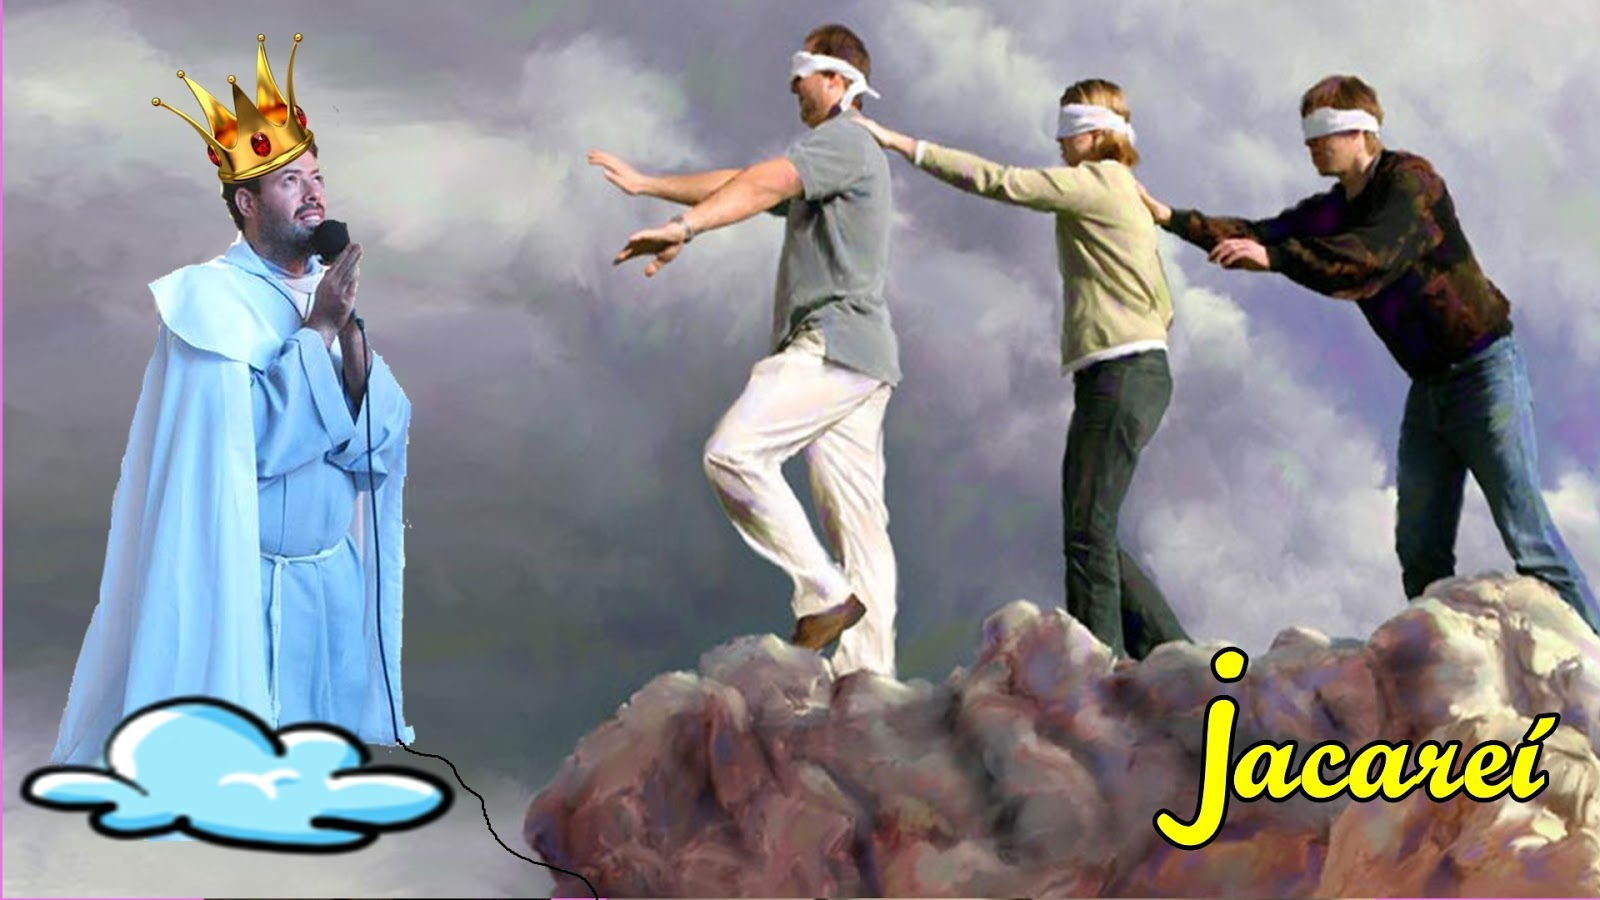 blog oficial. www.jacareiencantado . Marquinho . Seita Católica . falsas. verdadeiras, astrólogo. bruxo vidente,photoshop,Santuário das aparições de jacareí SP.